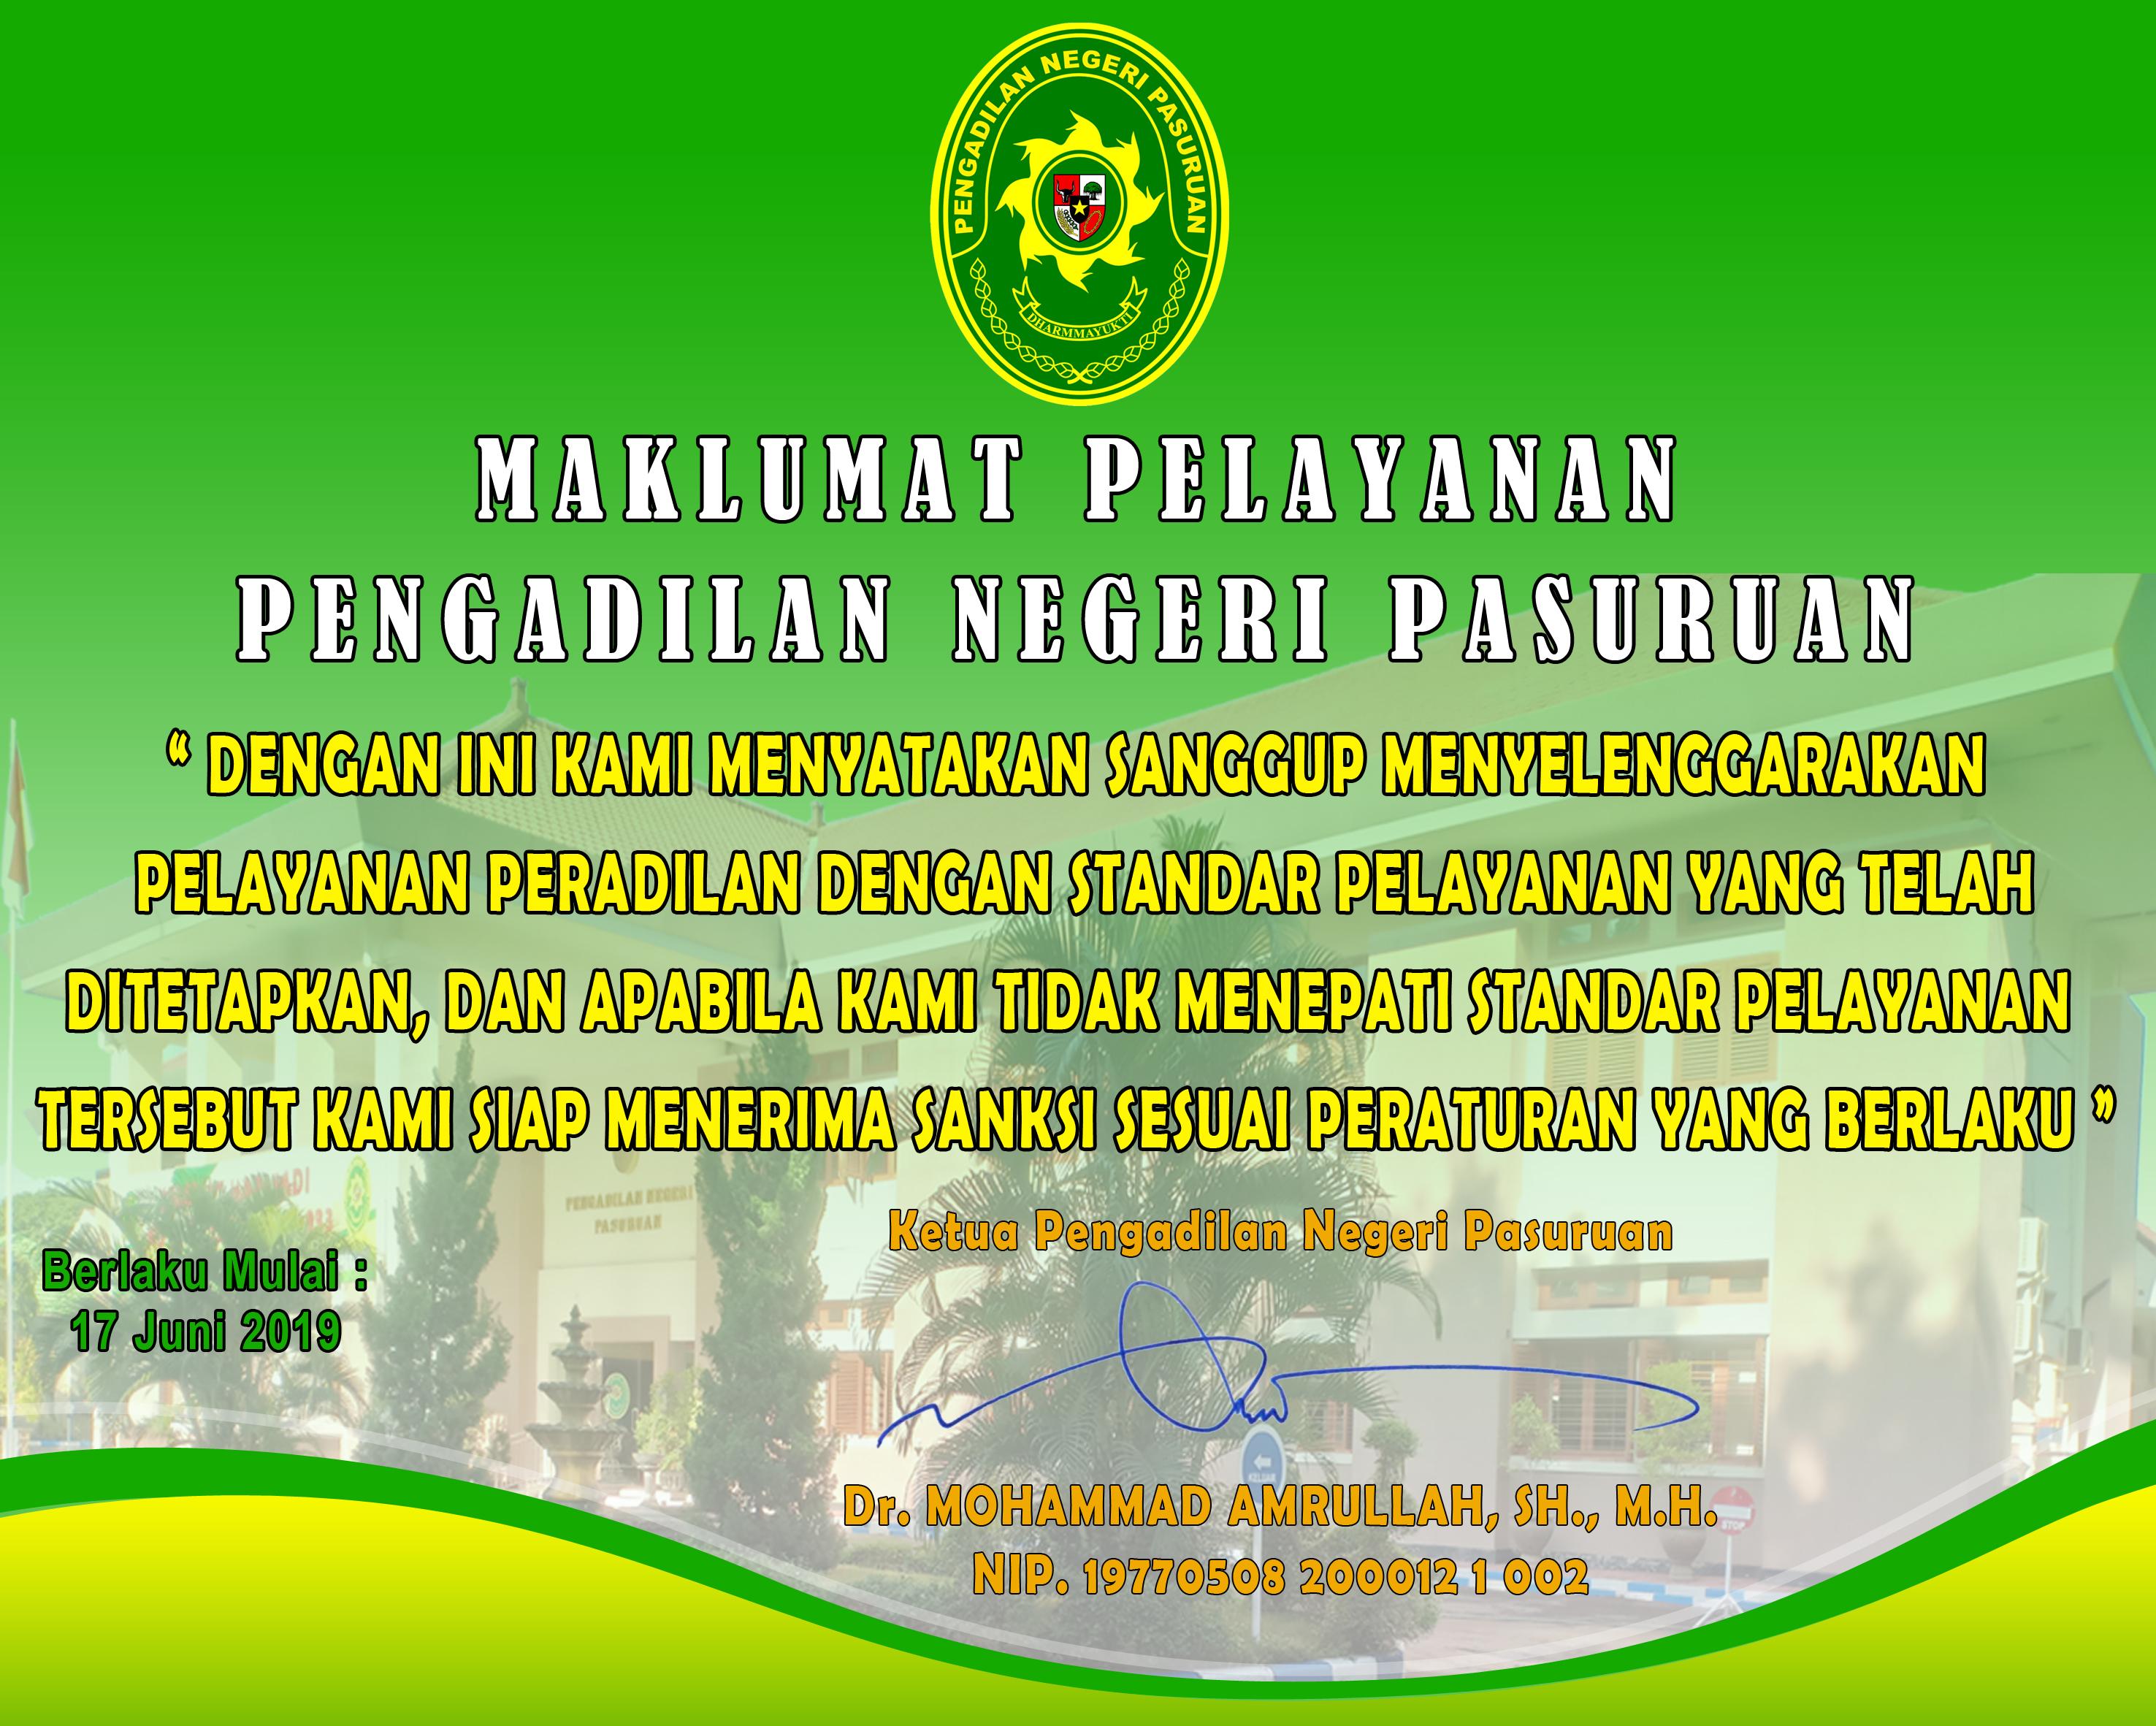 Standart dan Maklumat Pelayanan Pengadilan Negeri Pasuruan